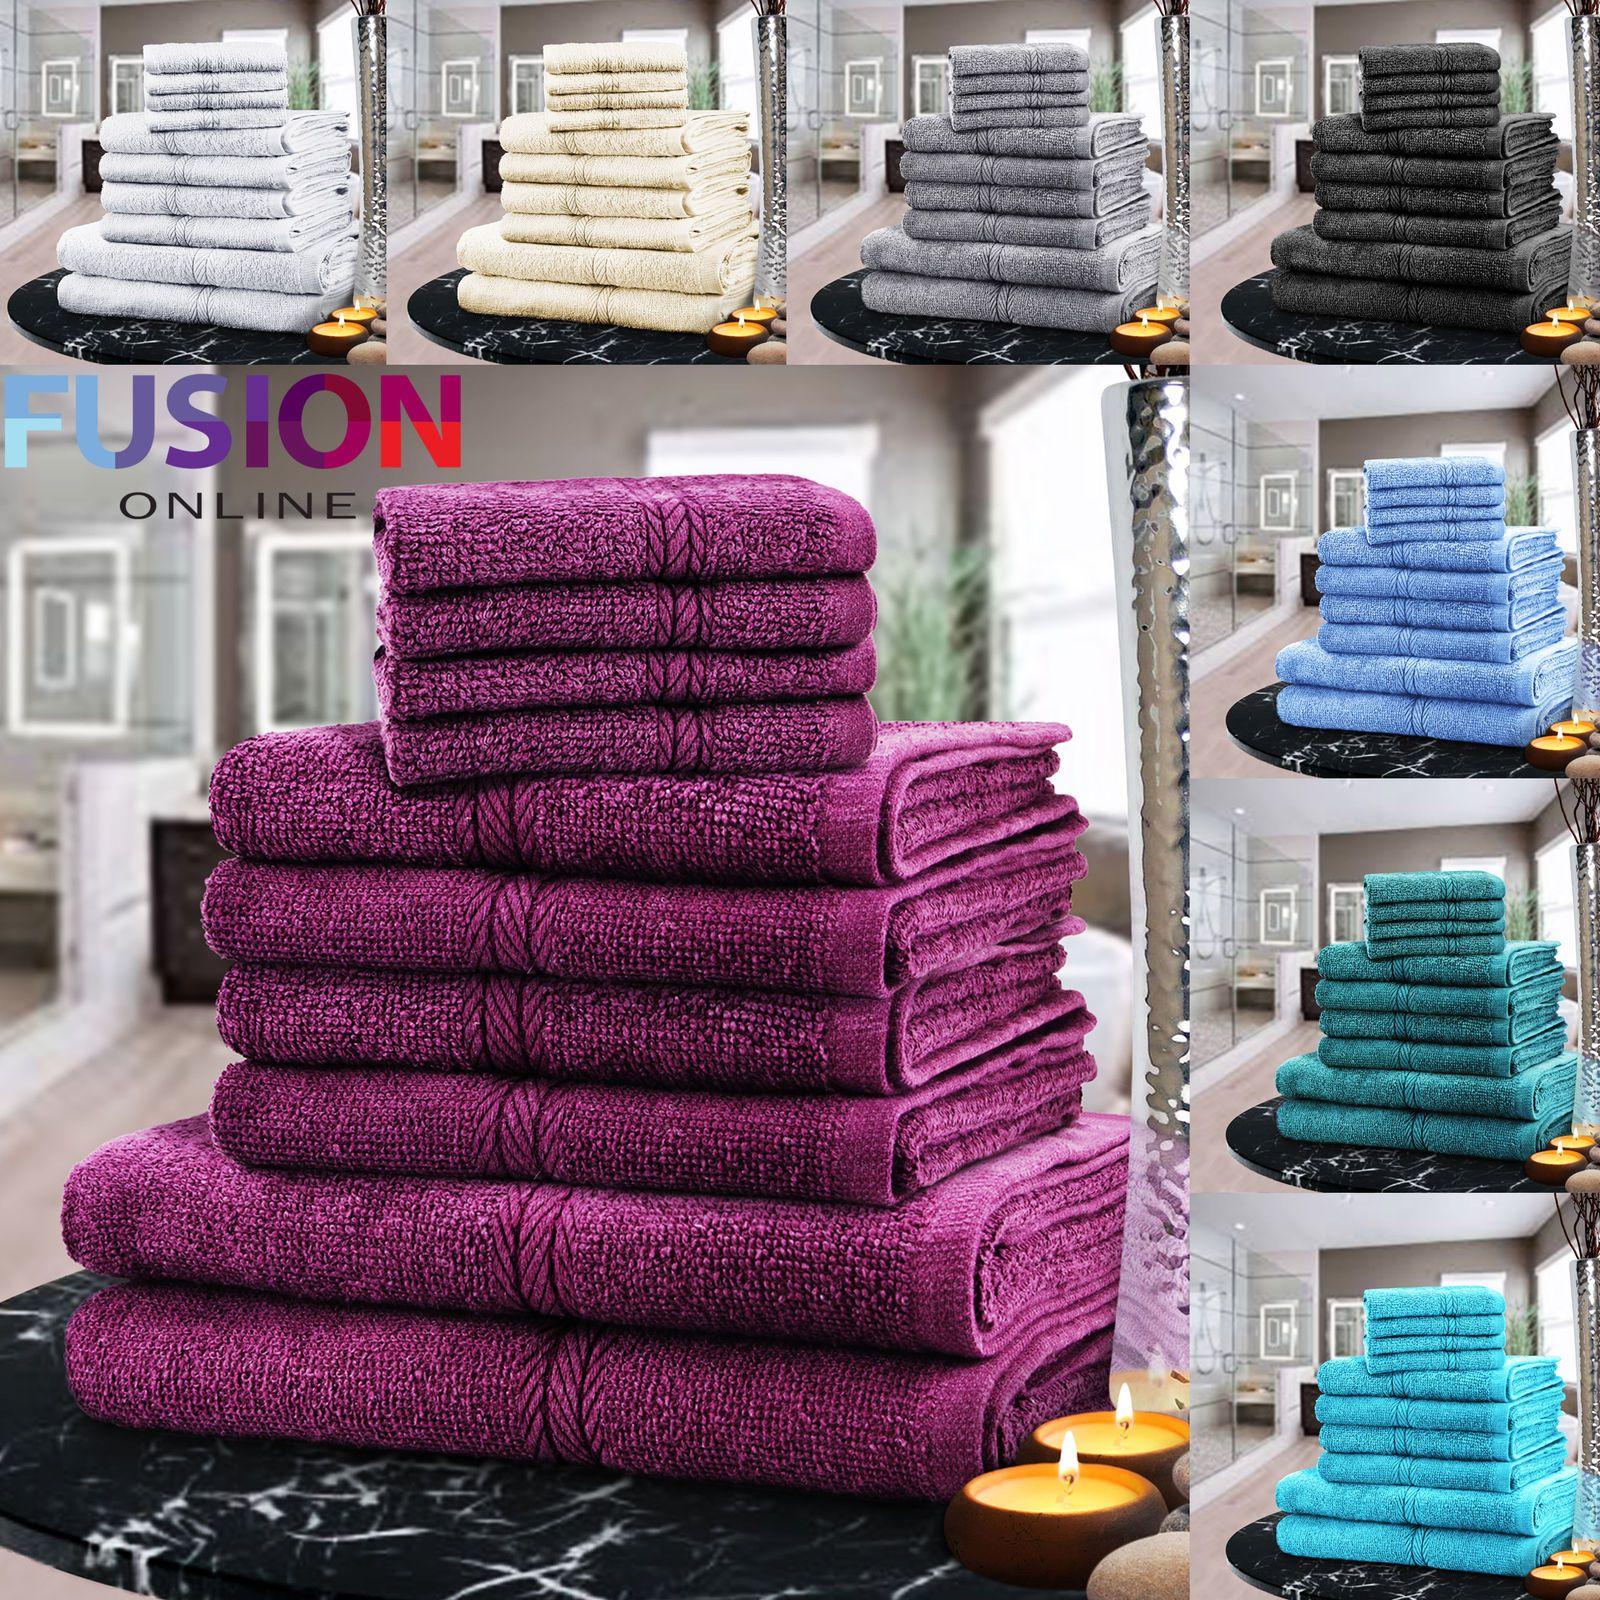 LUXURY TOWEL BALE SET 100% COTTON 10PC FACE HAND BATH BATHROOM TOWELS 9